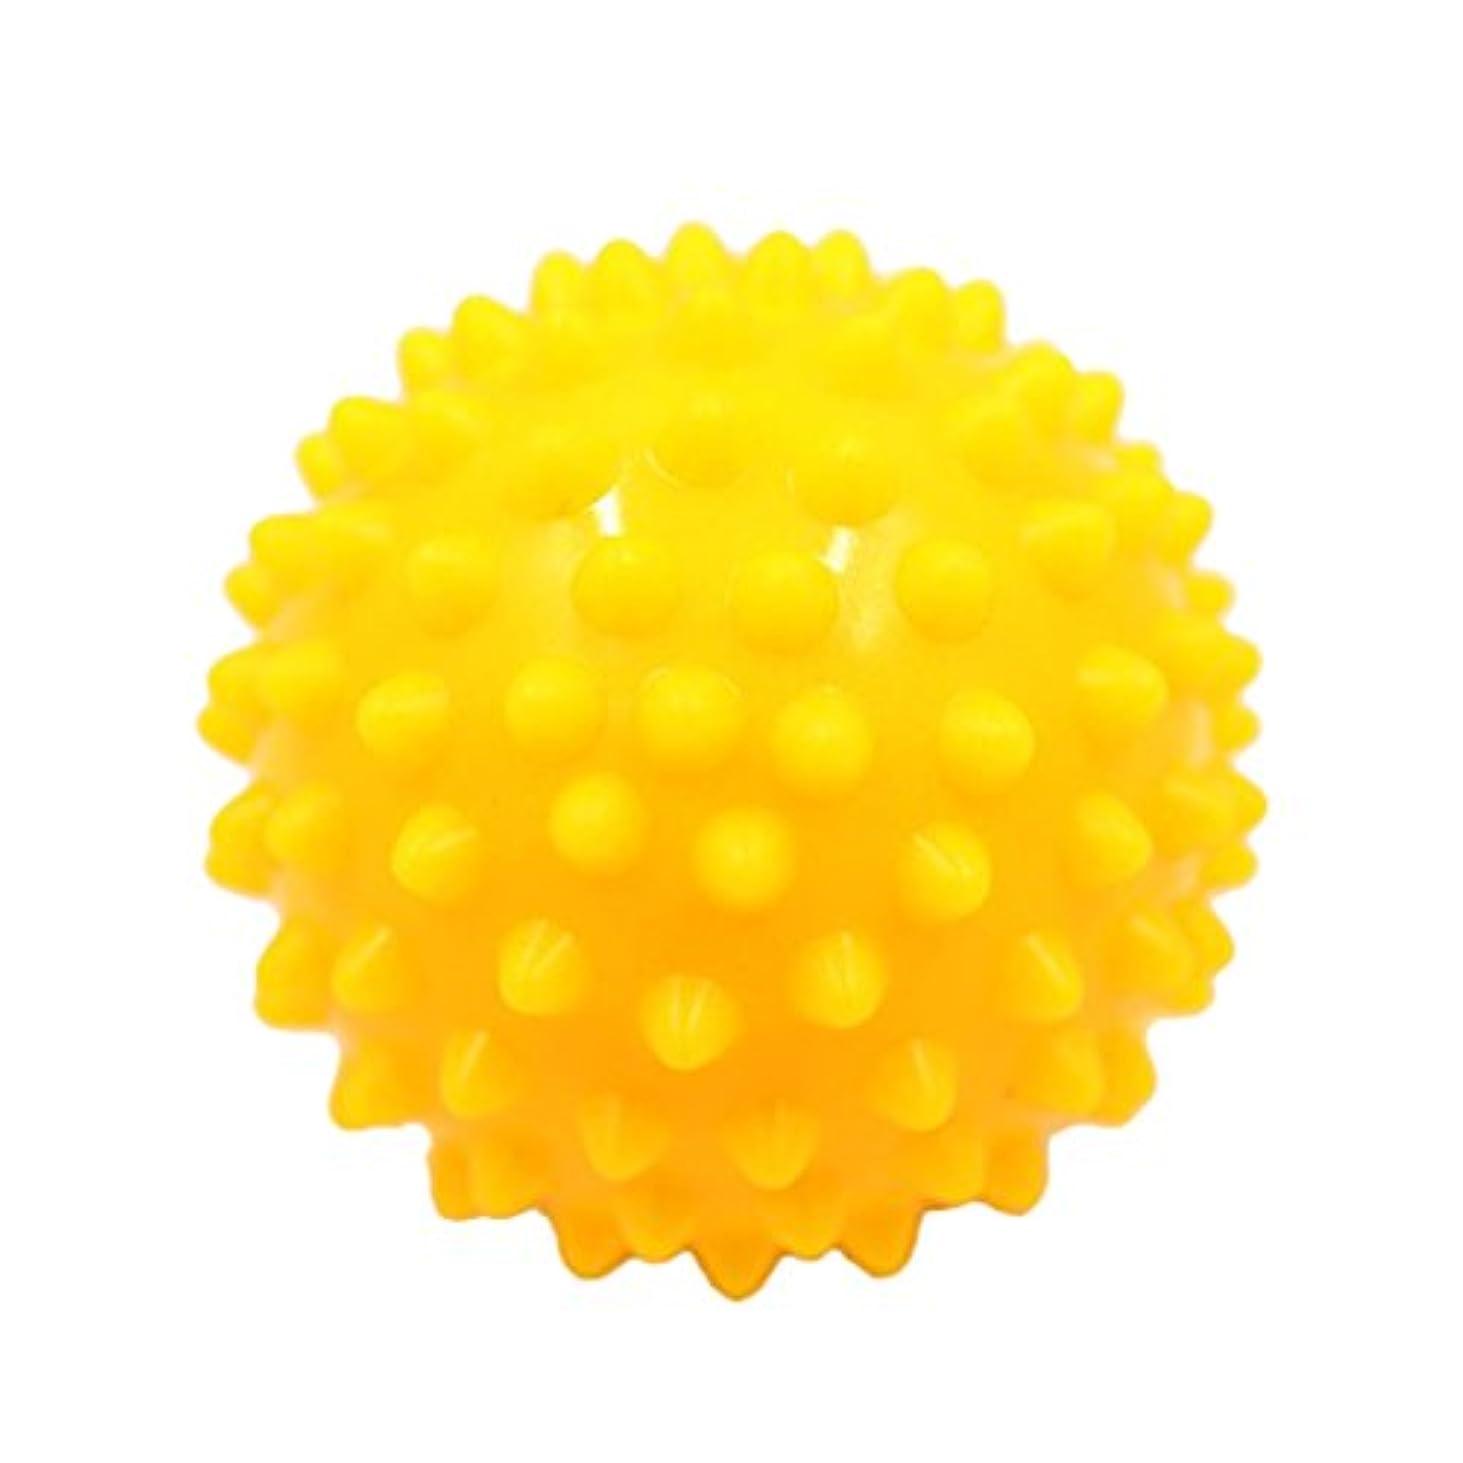 仕方パール夕方Kesoto マッサージボール マッサージ器 ボディ パームレリーフ スパイク マッサージ 刺激ボール 3色選べ - 黄